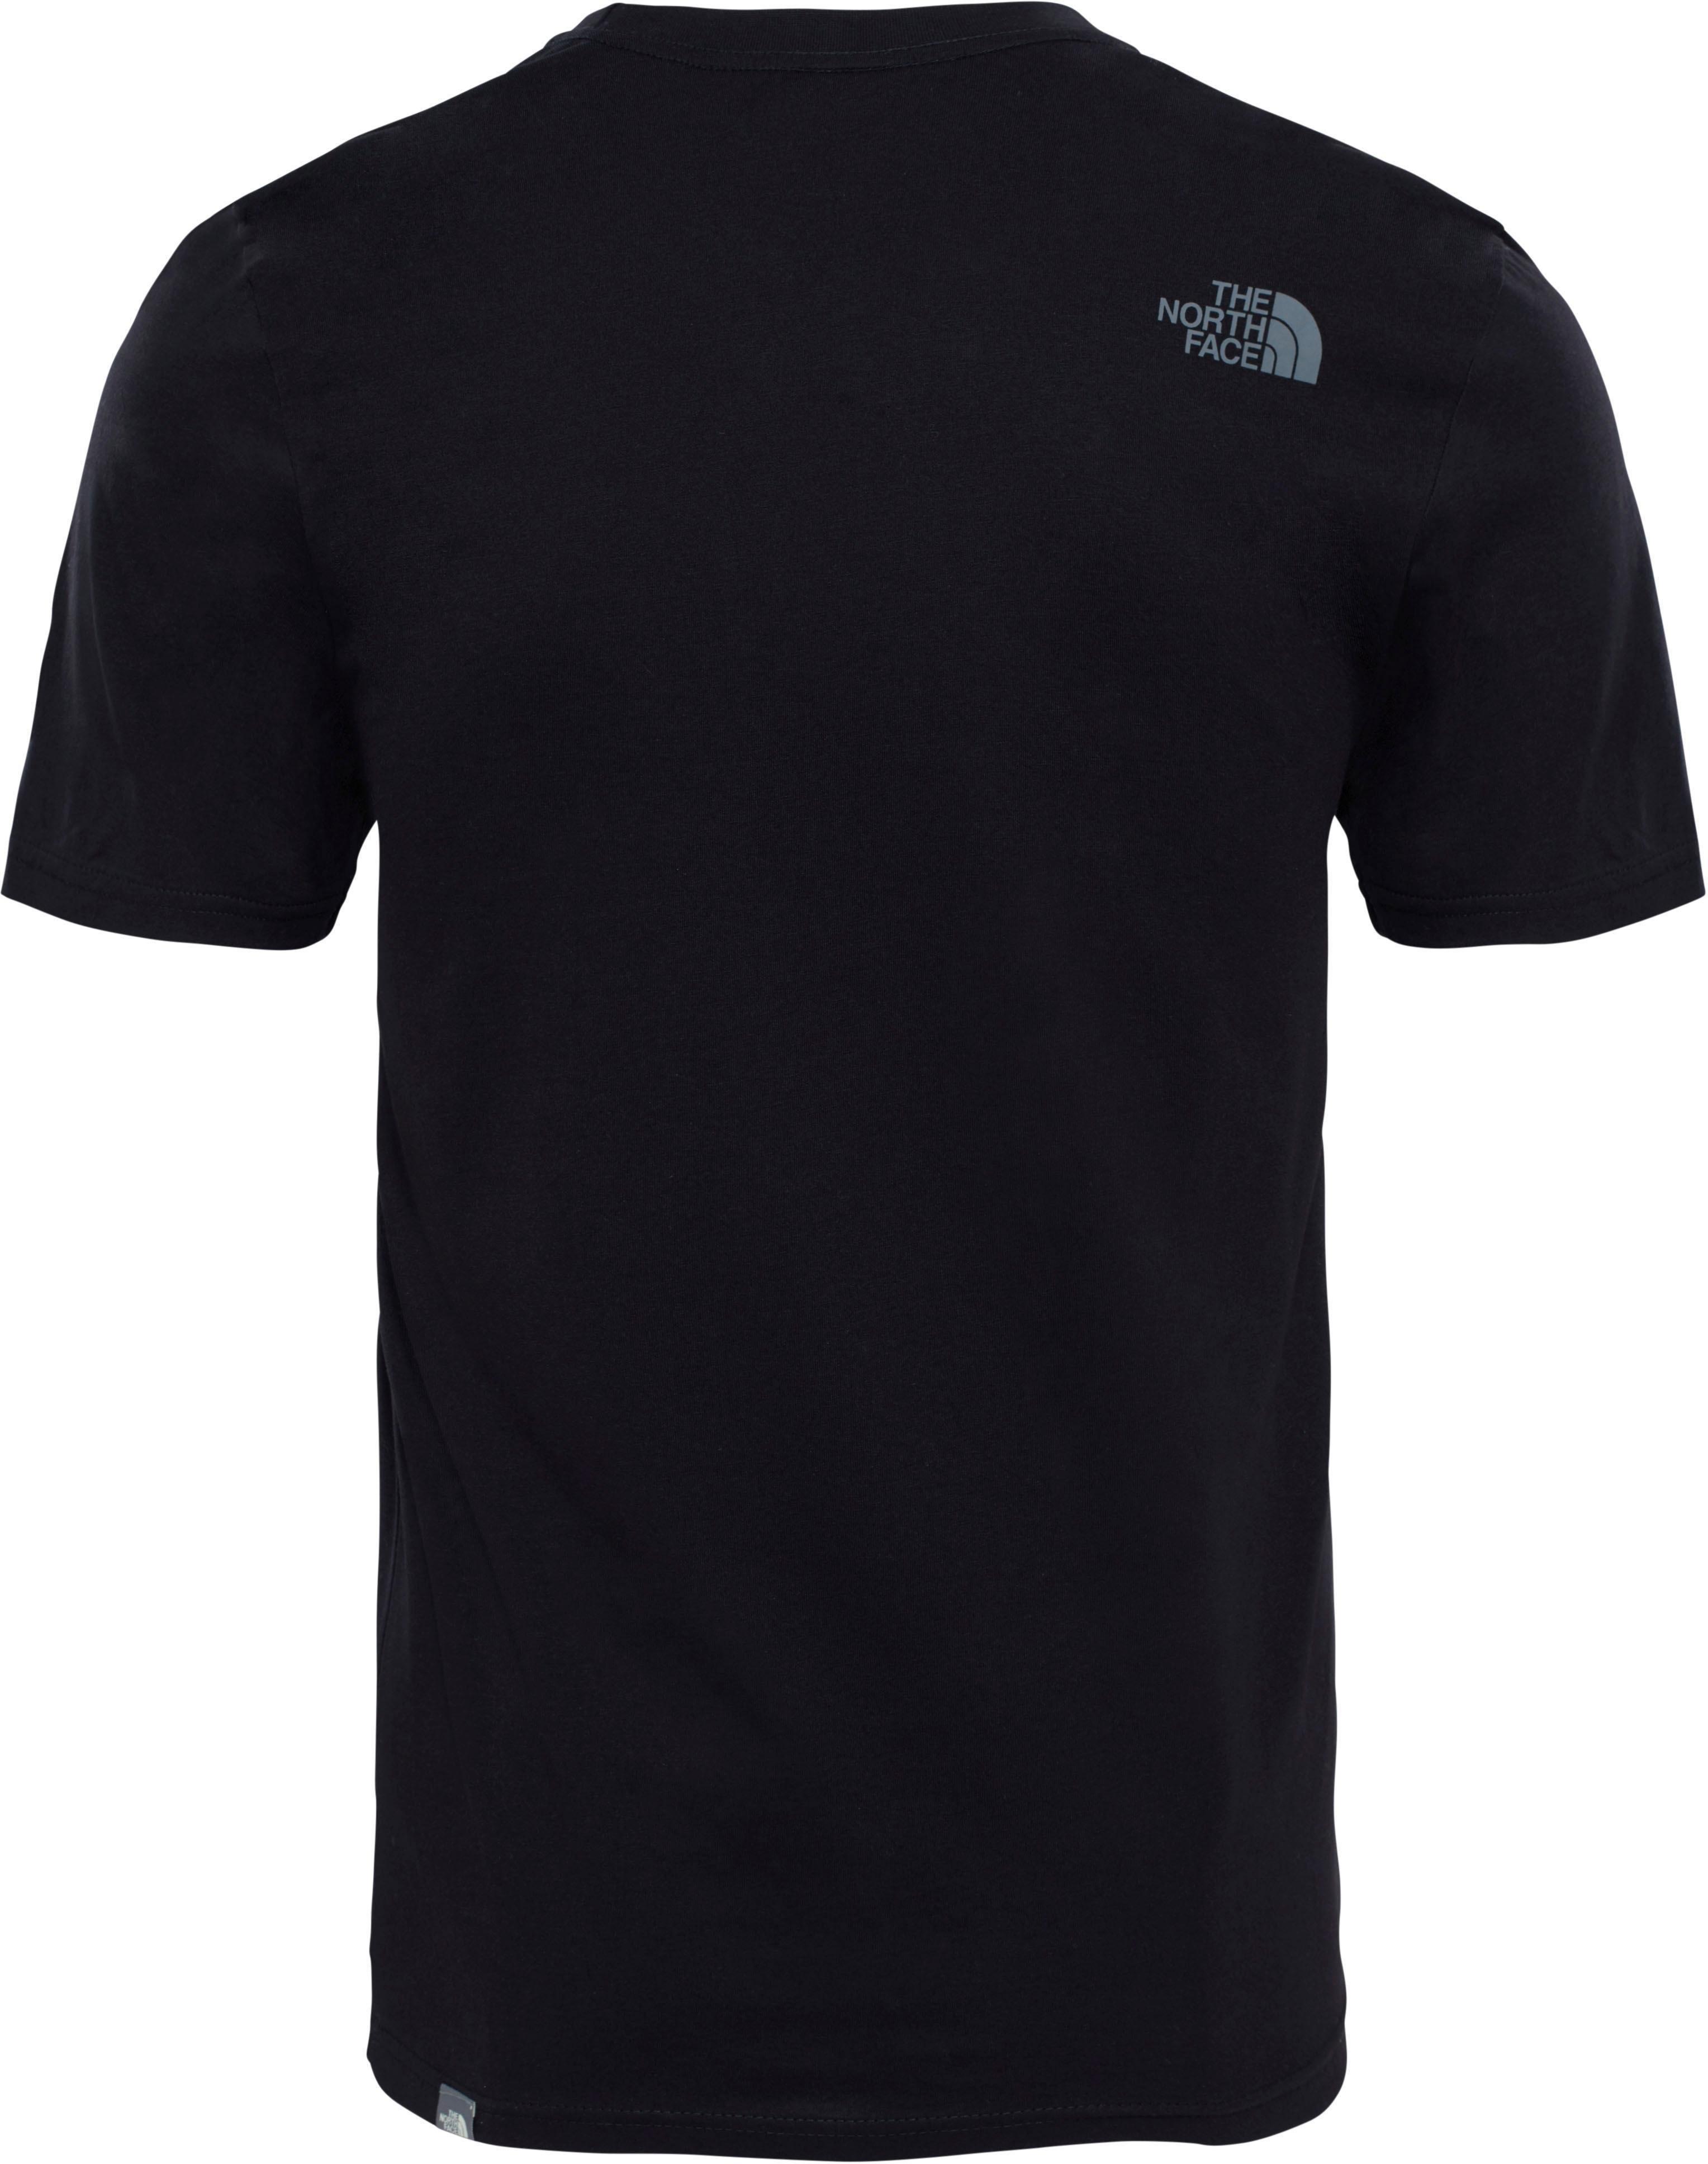 The North Face T-shirt »EASY TEE« voordelig en veilig online kopen